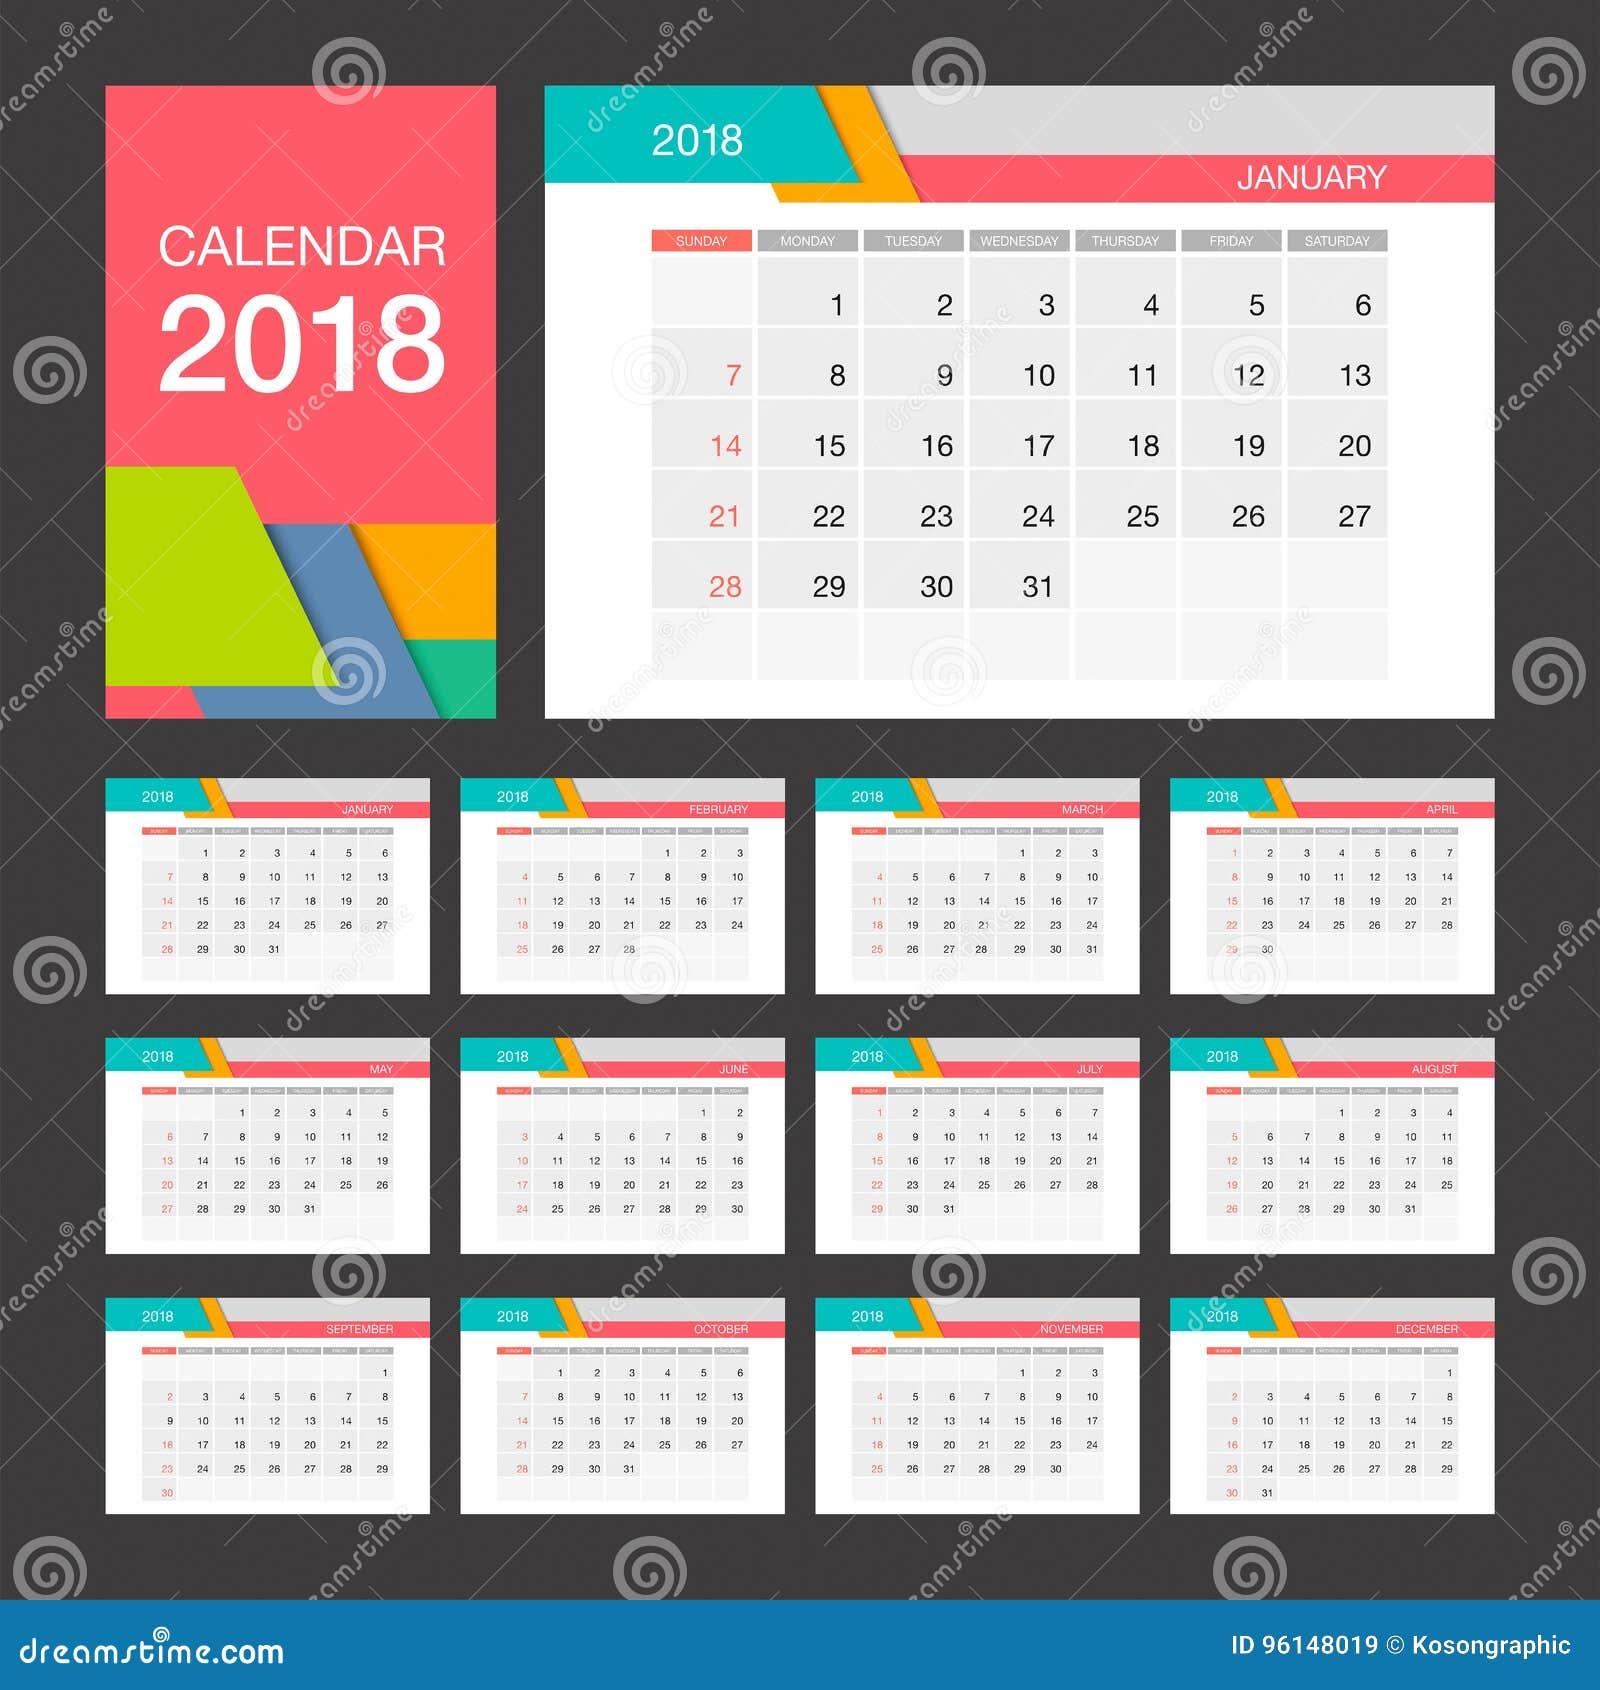 Calendario 2018 plantilla del dise o moderno del calendario de escritorio ilustraci n del vector - Plantilla calendario de mesa ...